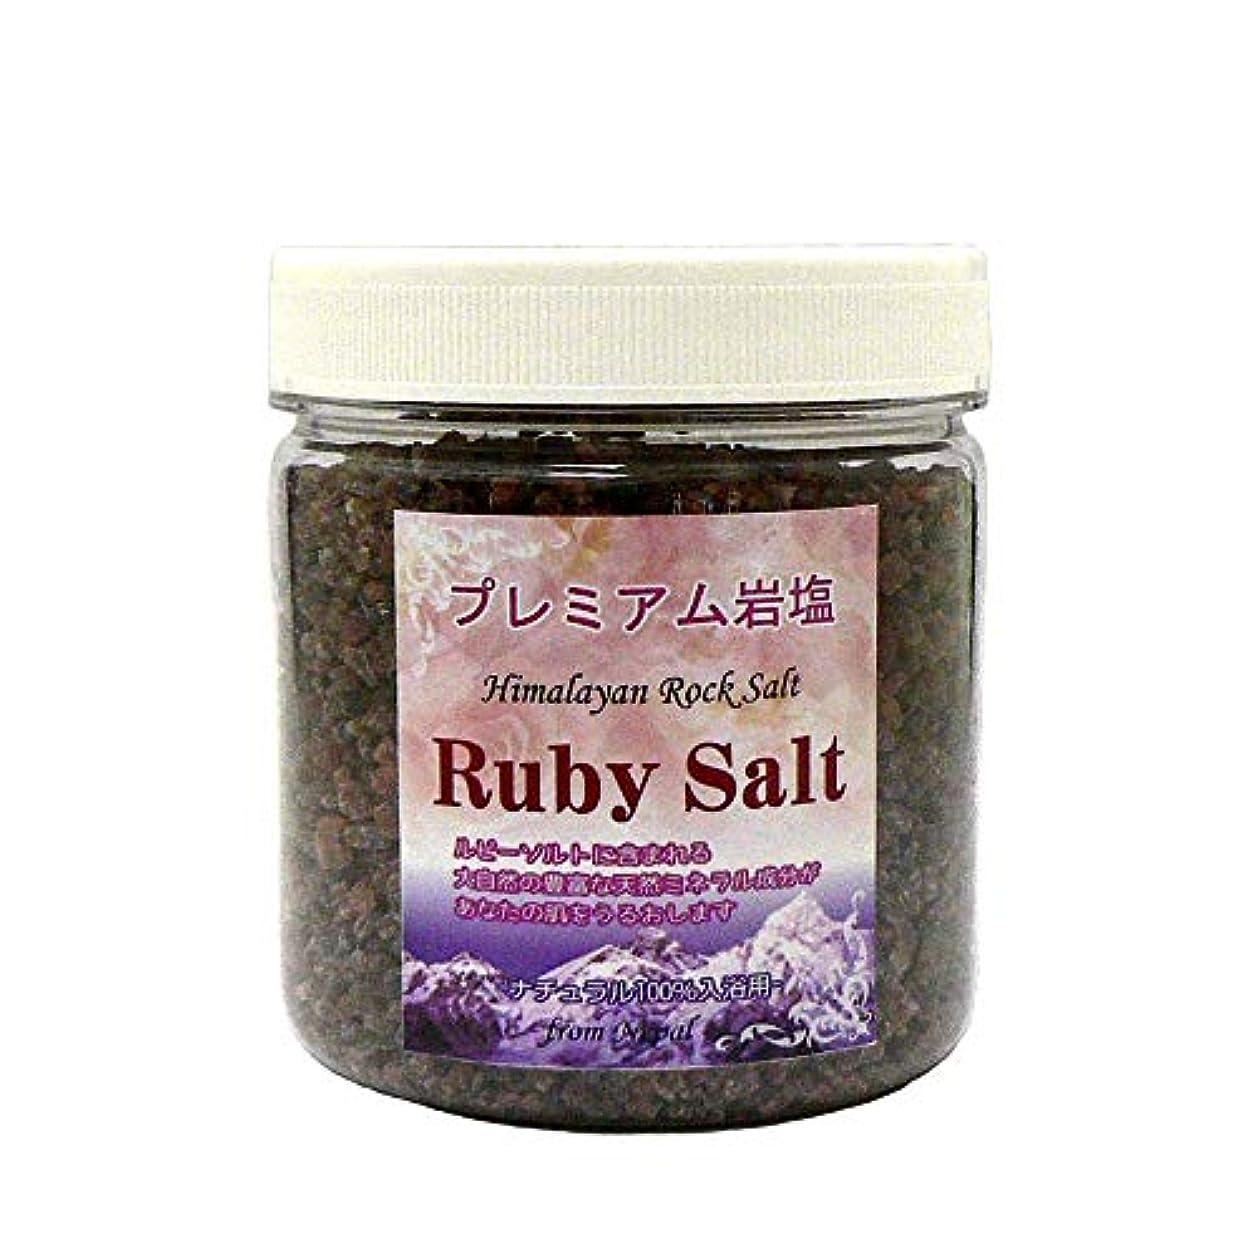 眼円周狂人ヒマラヤ岩塩 プレミアム ルビーソルト バスソルト(微粒小粒)ネパール産 ルビー岩塩 (600g×2個セット)